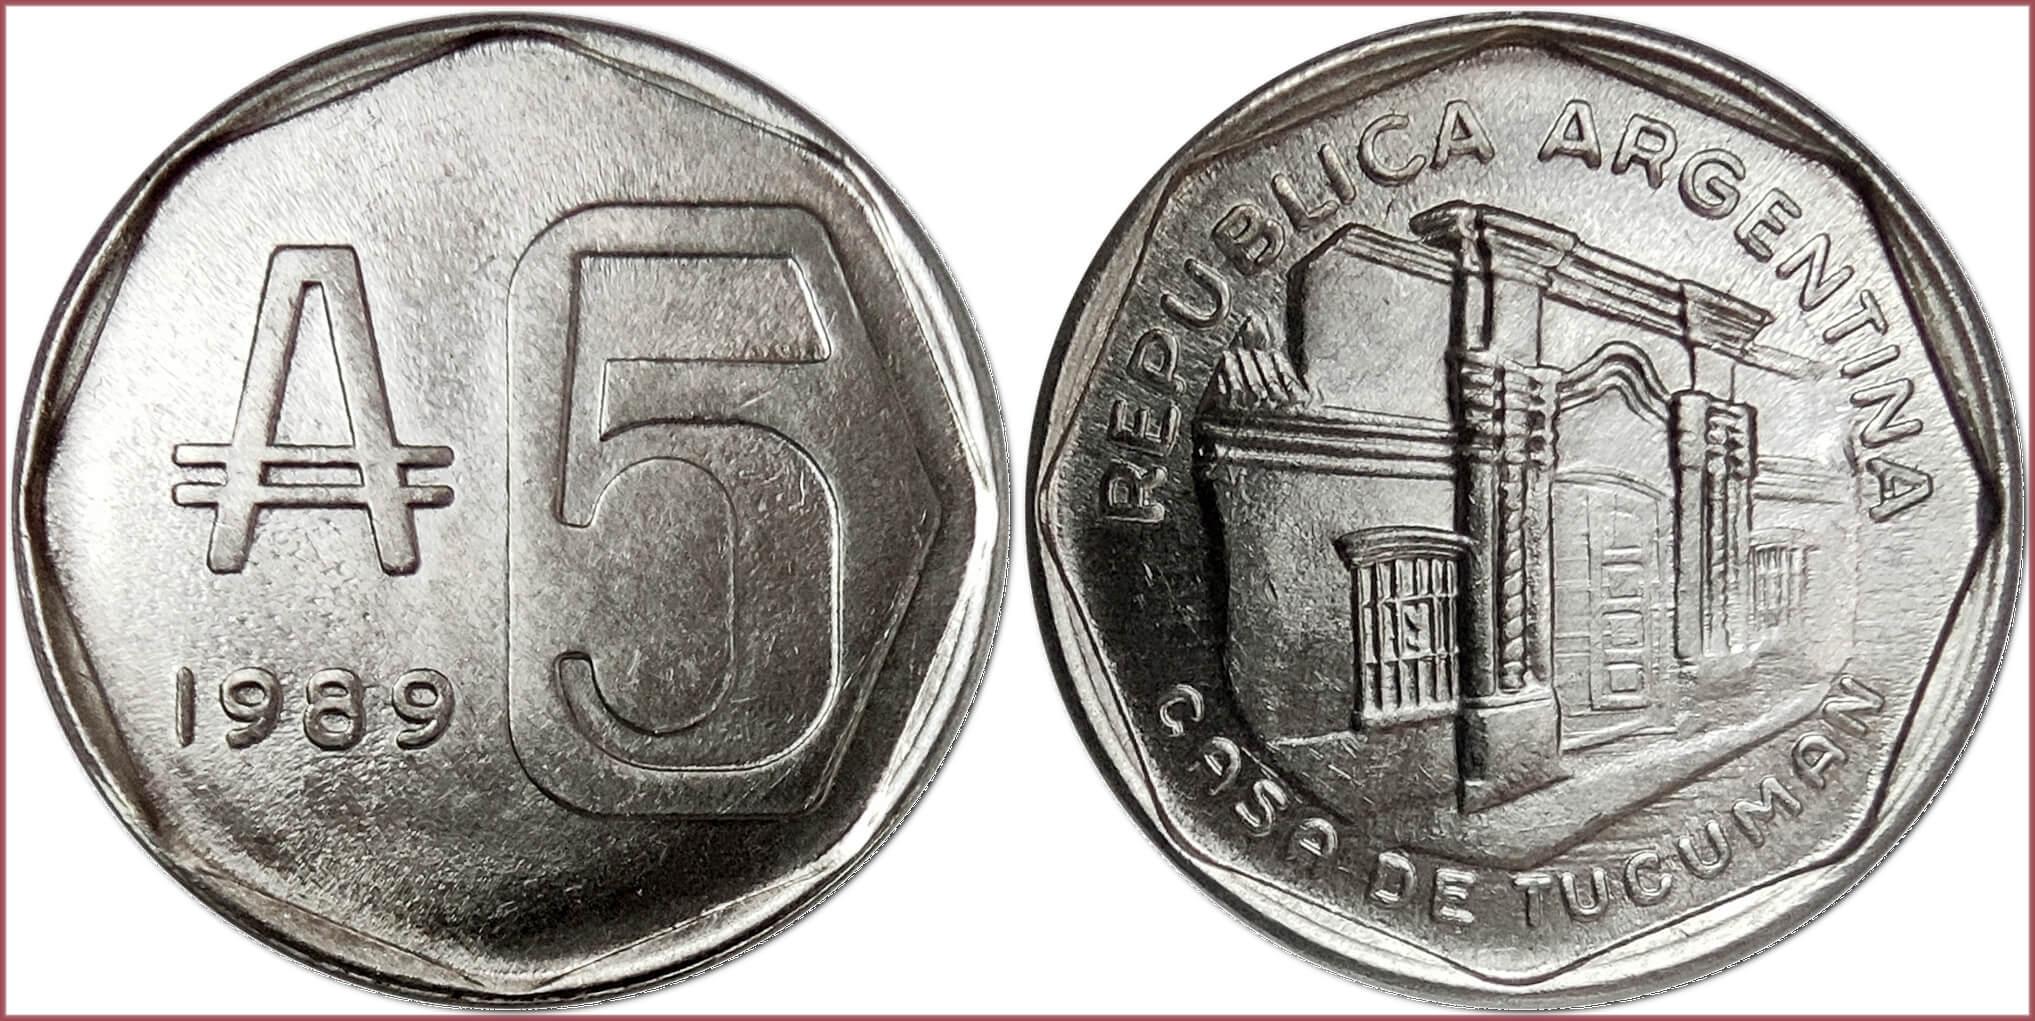 5 australes, 1989: Argentine Republic